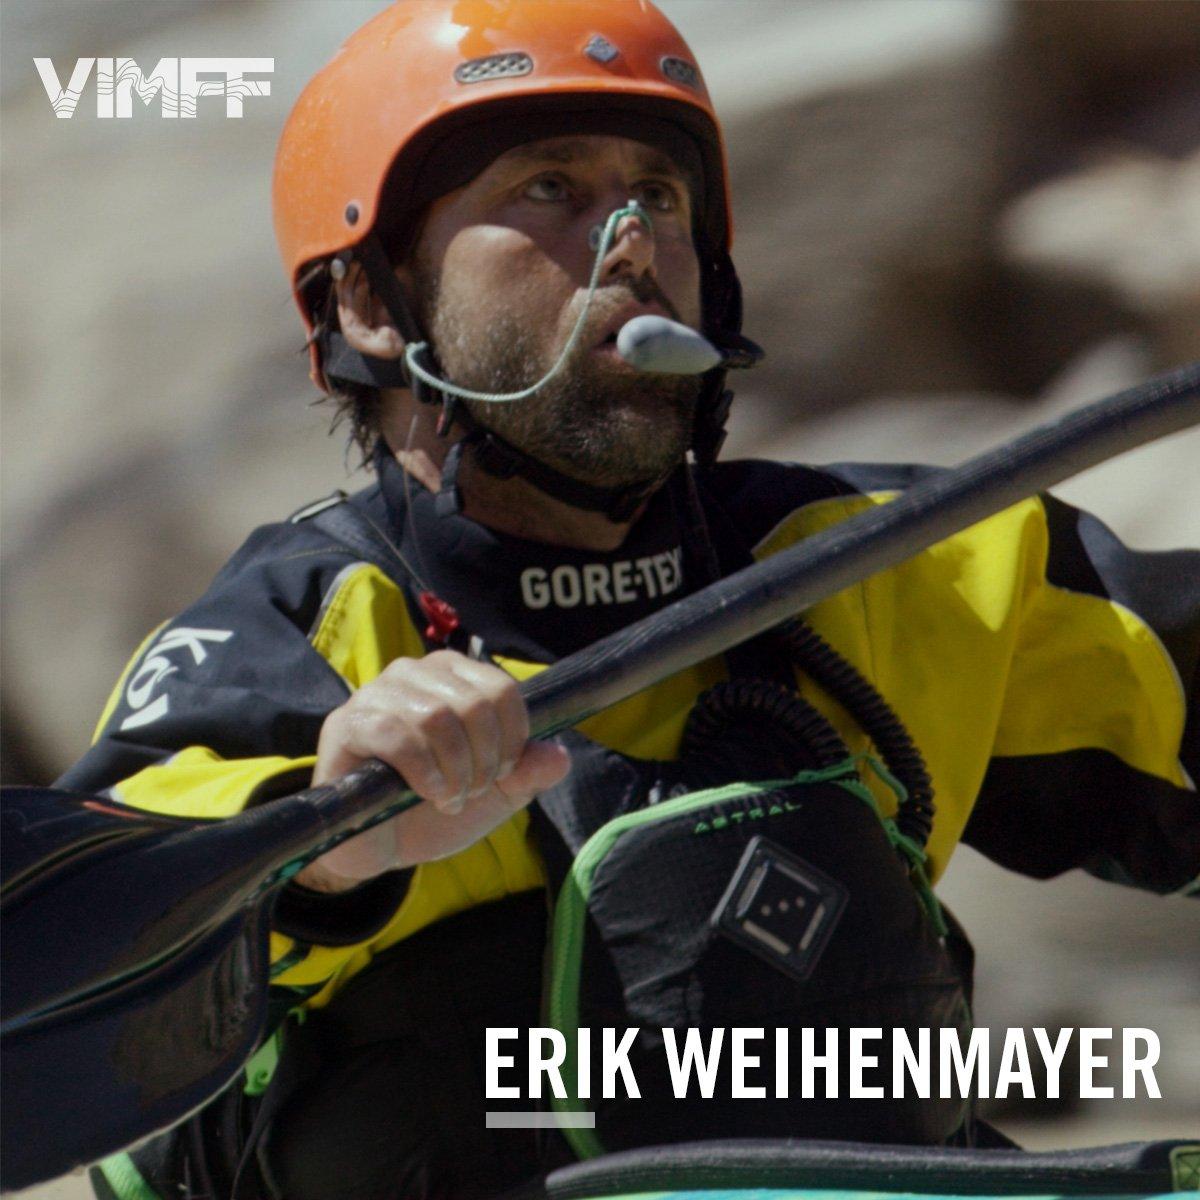 Erik Weihenmayer